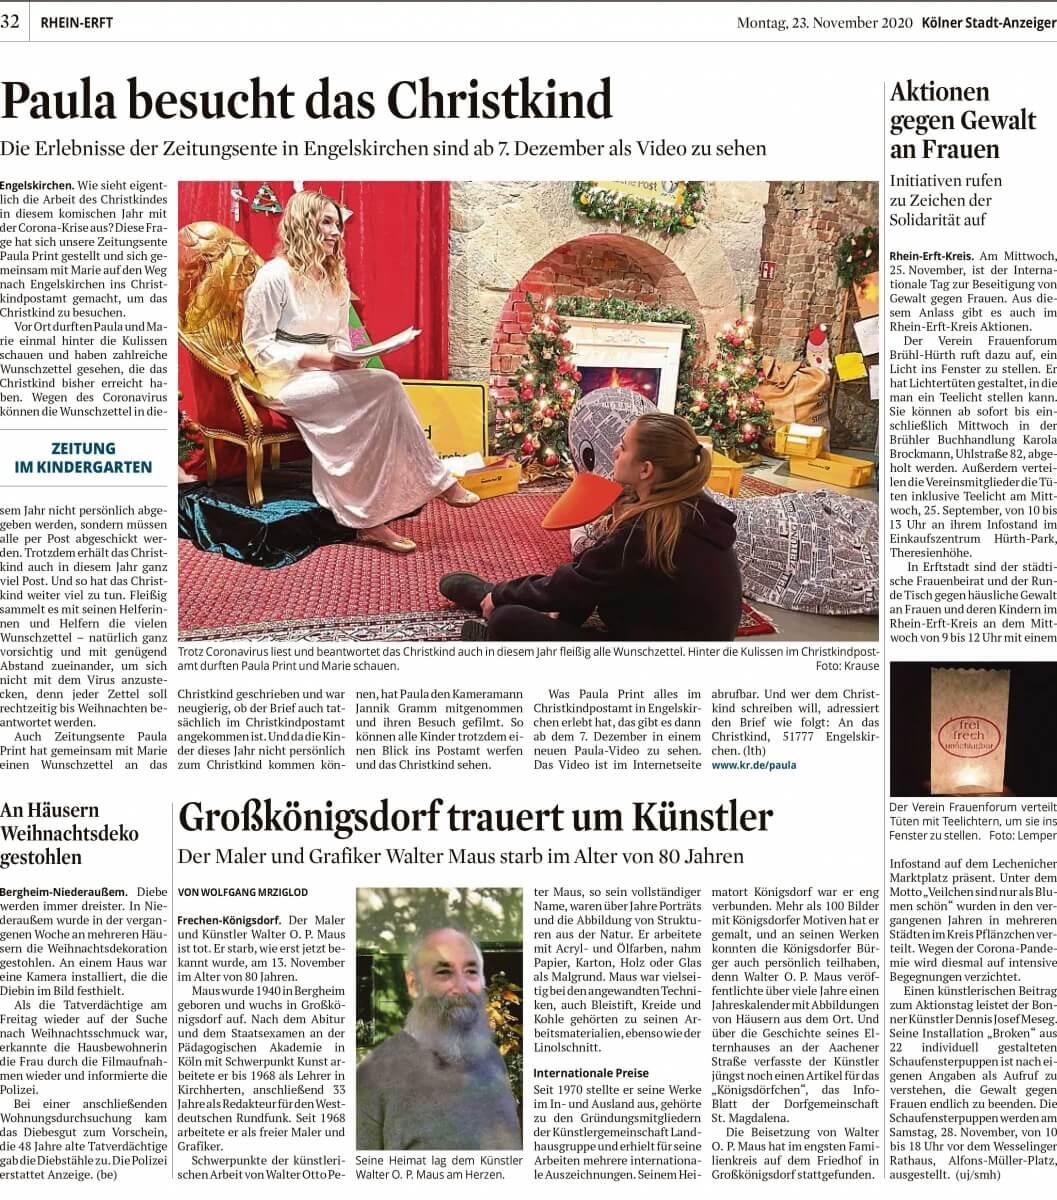 """Installation """"Broken"""" - von Dennis Josef Meseg - Presse Kölner Stadt Anzeiger Land Erftkreis 23.11.2020"""